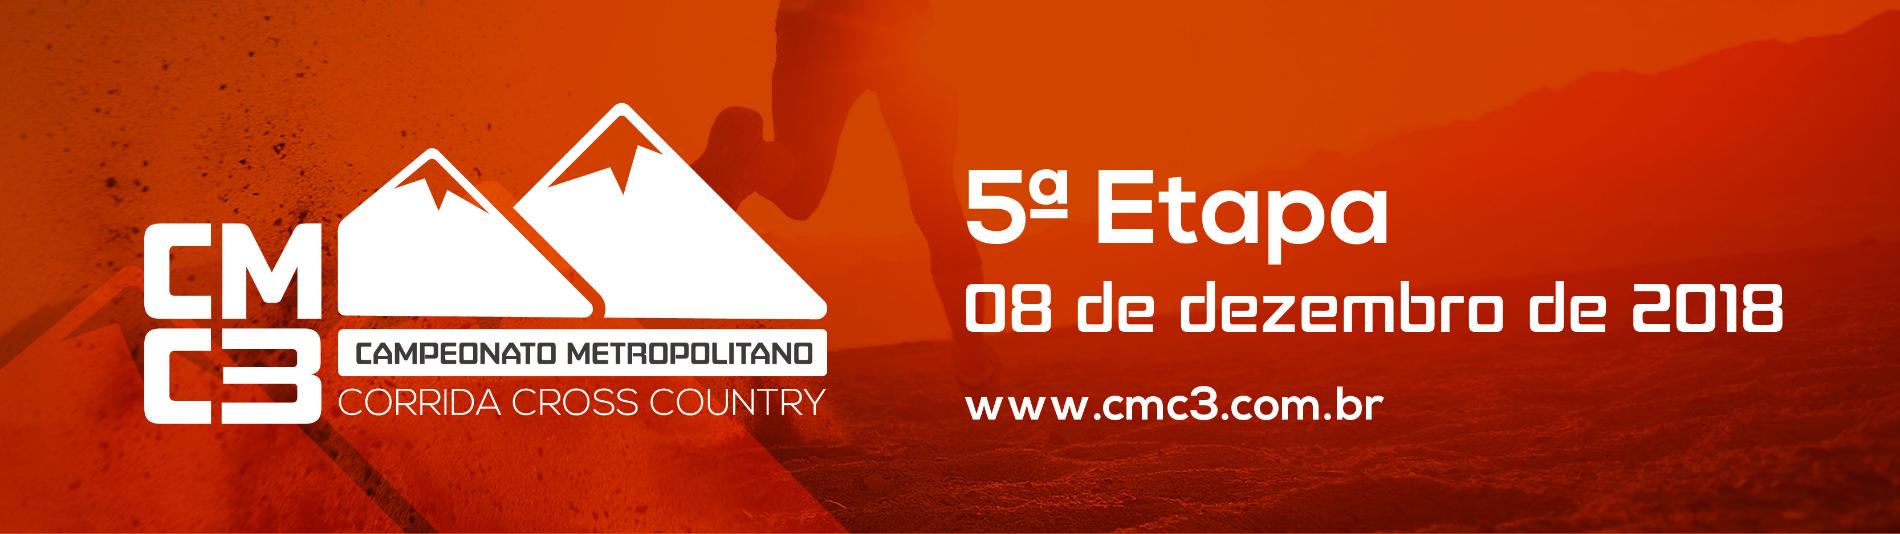 CMC3 - CAMPEONATO METROPOLITANO DE CORRIDA CROSS COUNTRY - 5ª ETAPA FINAL